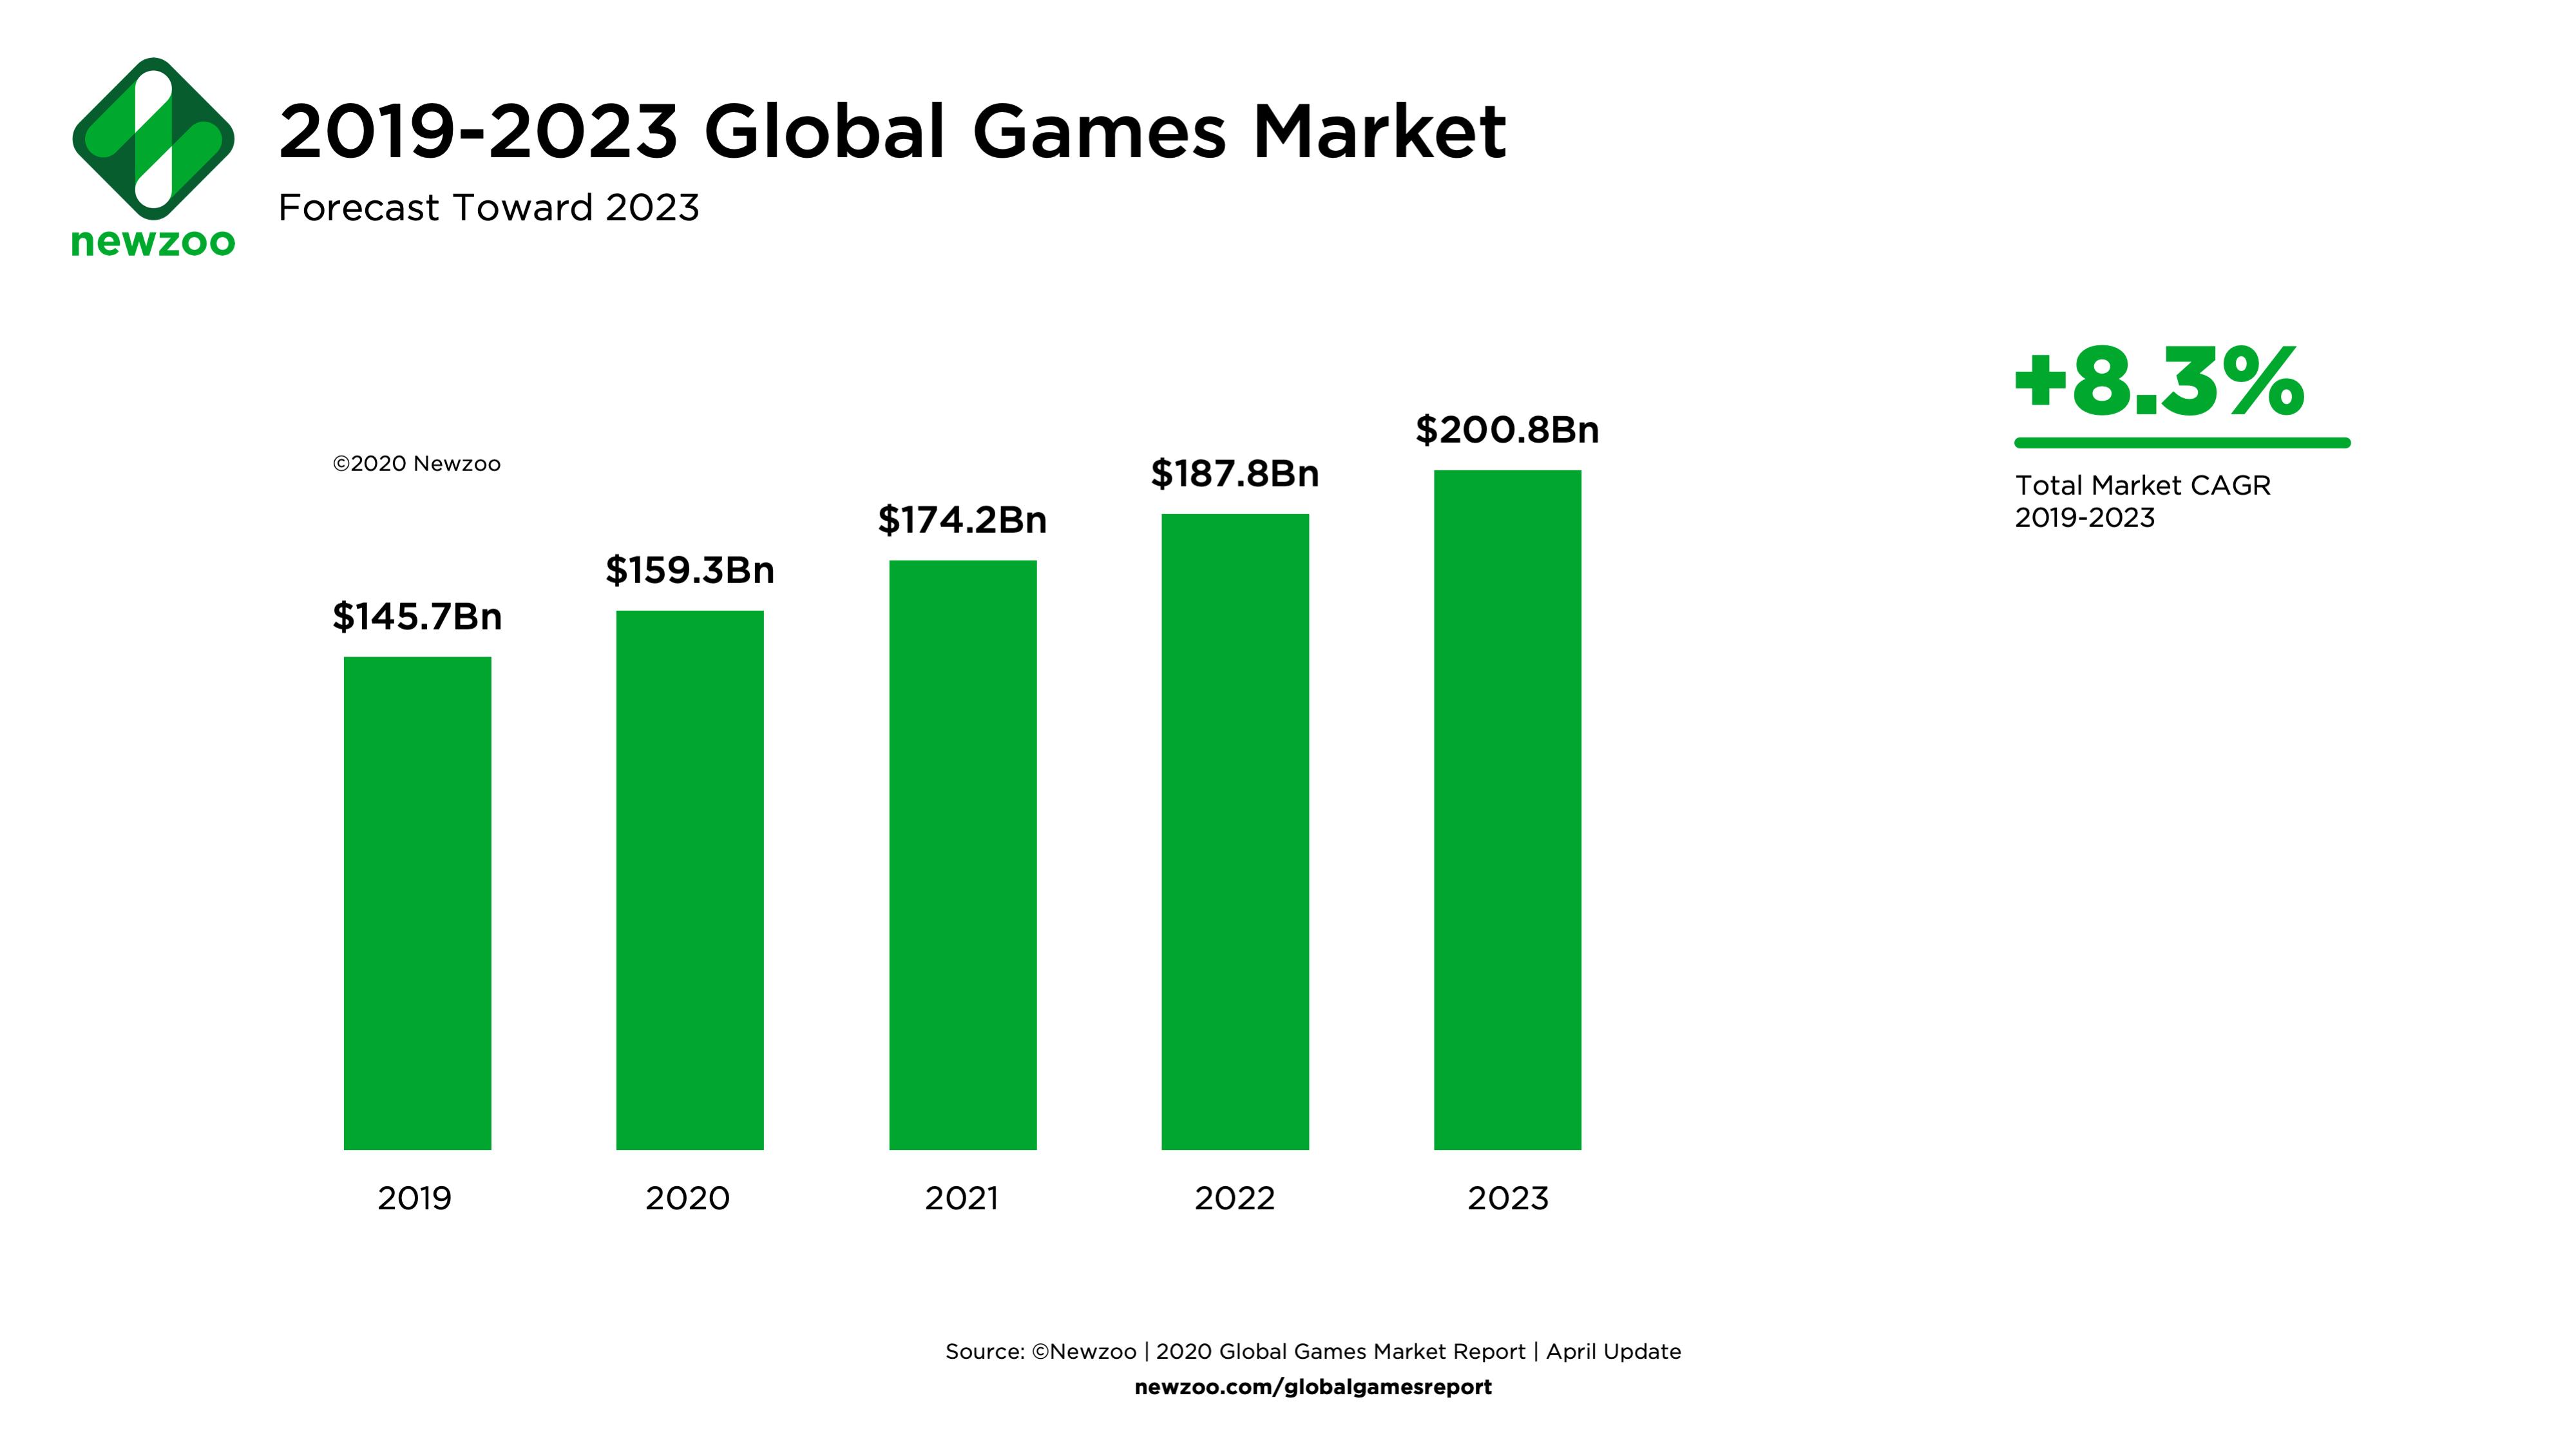 Graphique de Newzoo présentant l'évolution du marché du jeu vidéo de 2019 à 2023, années où il devrait dépasser plus de 200 milliards de dollars